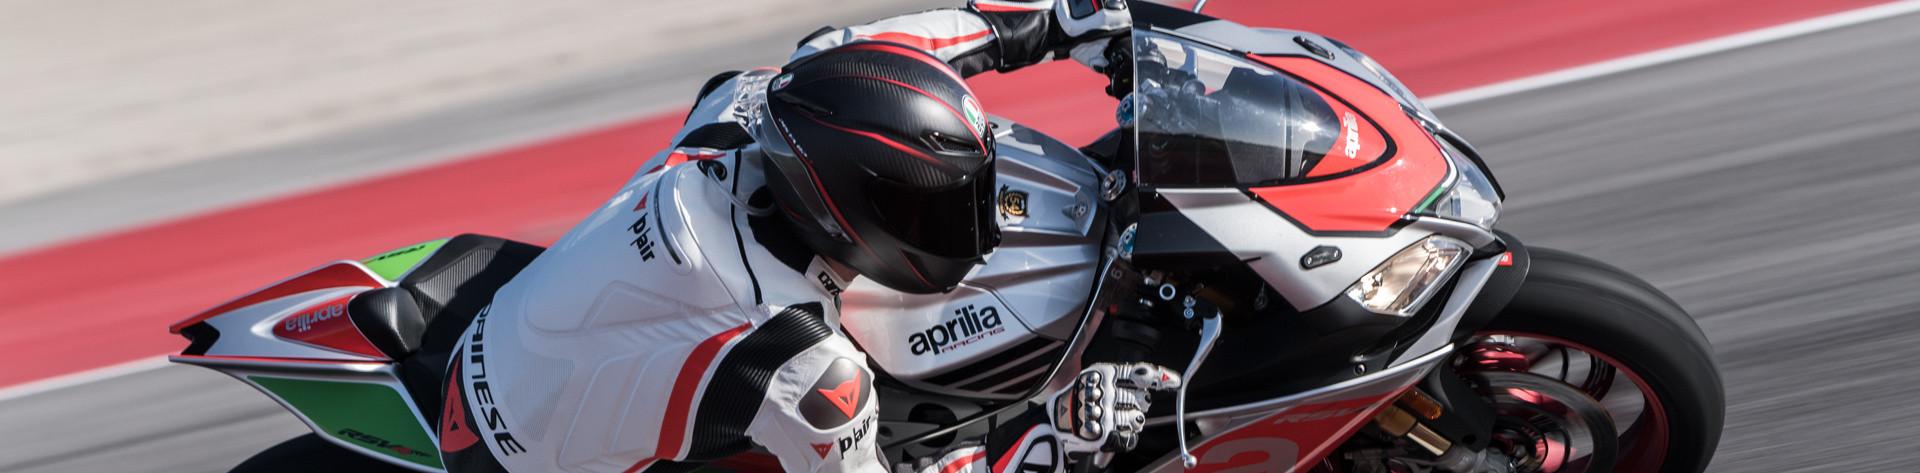 AGV Riding style - racing